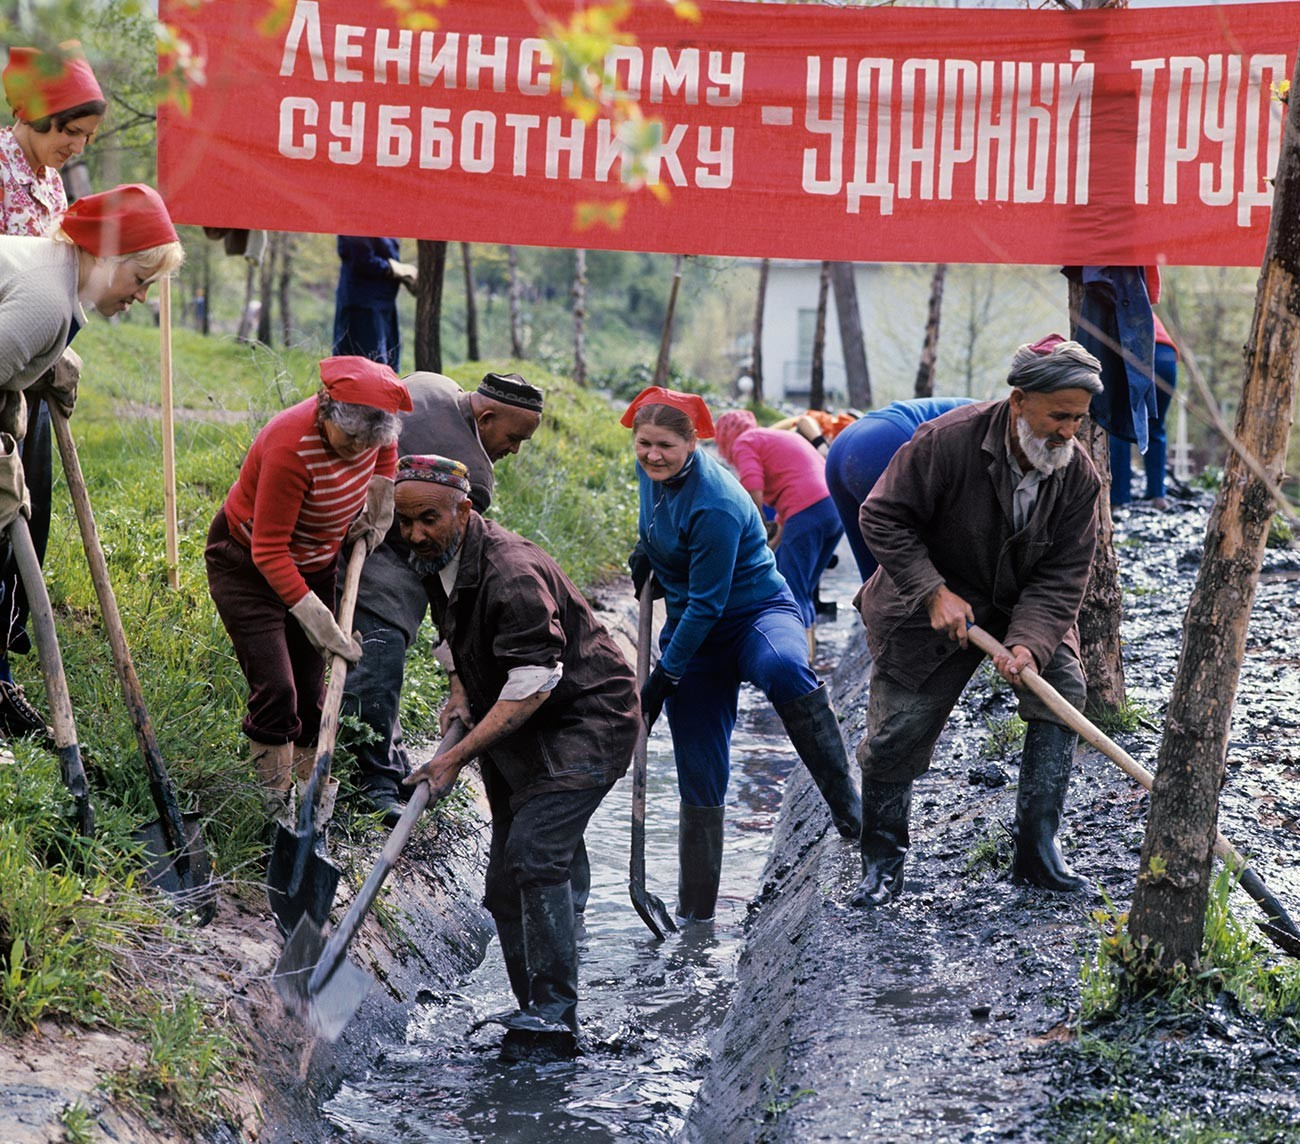 Становници на Лењинском комунистичком суботњику. Нурек.